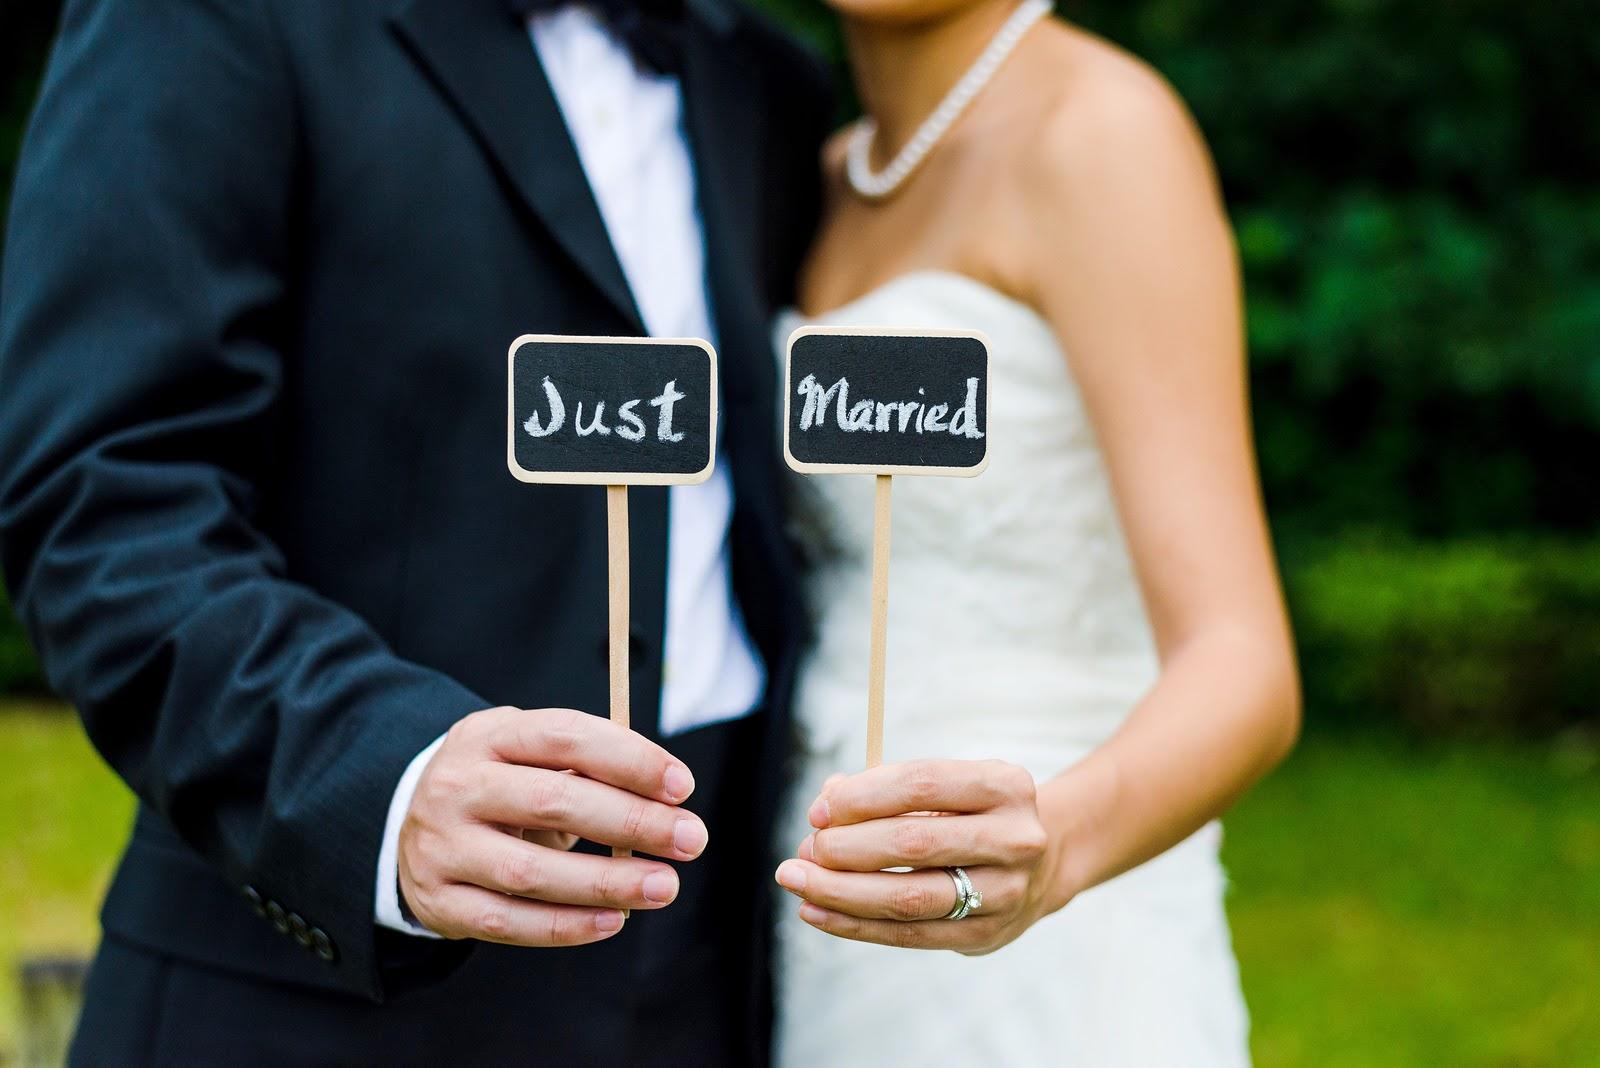 Ventura divorce lawyers